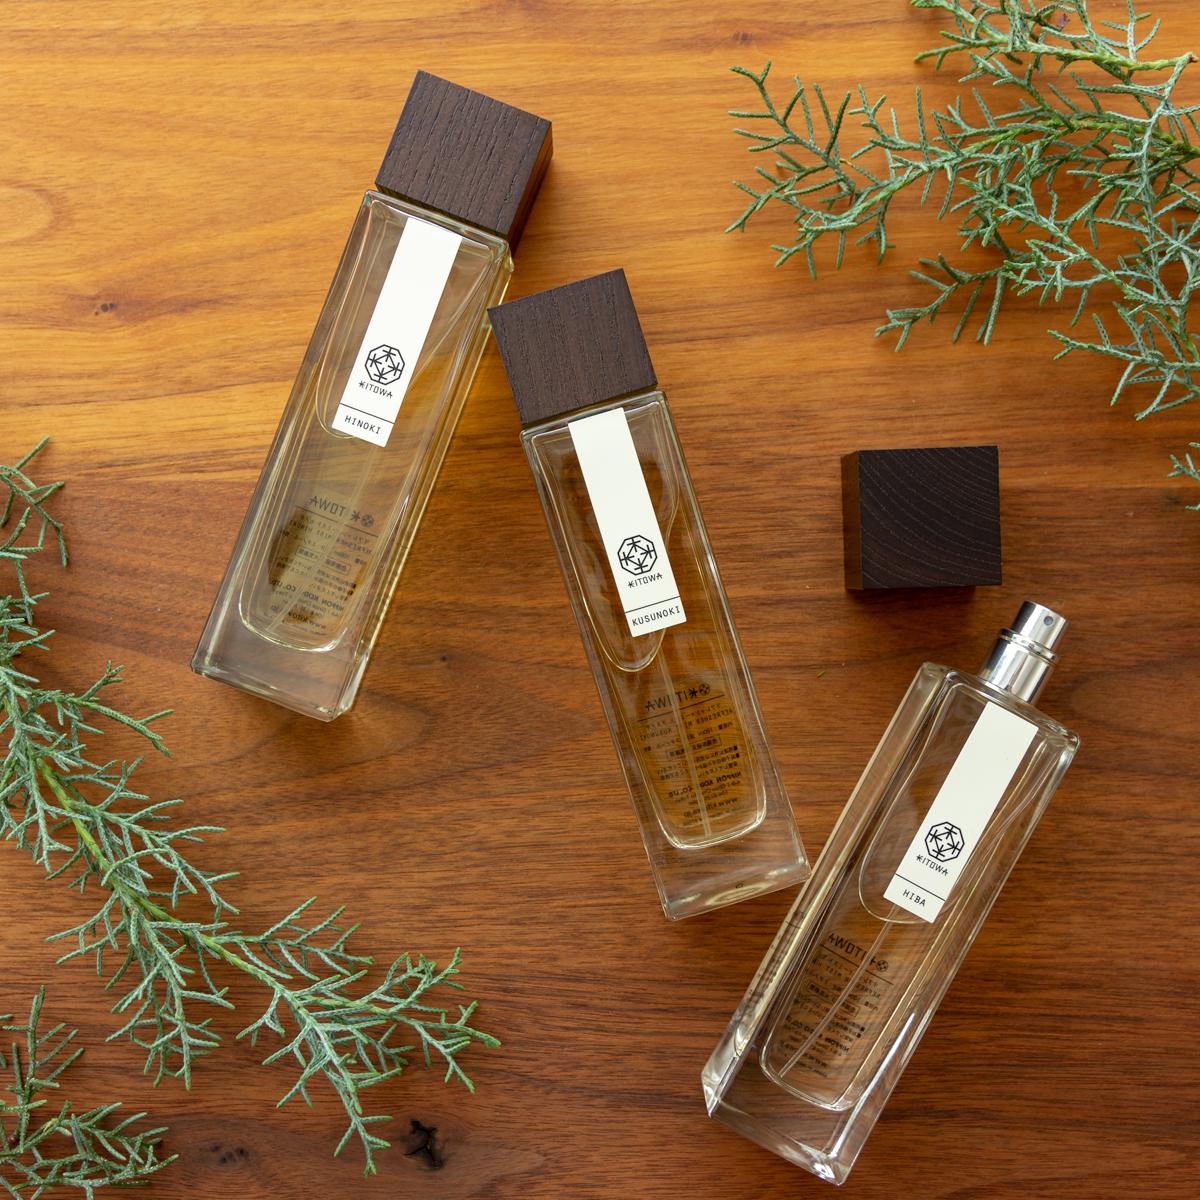 香りひとつで、エグゼクティブ空間に誘われる感覚になる。空間の質と景色が変わったように感じるリフレッシャーミスト(ルームフレグランス)|KITOWA